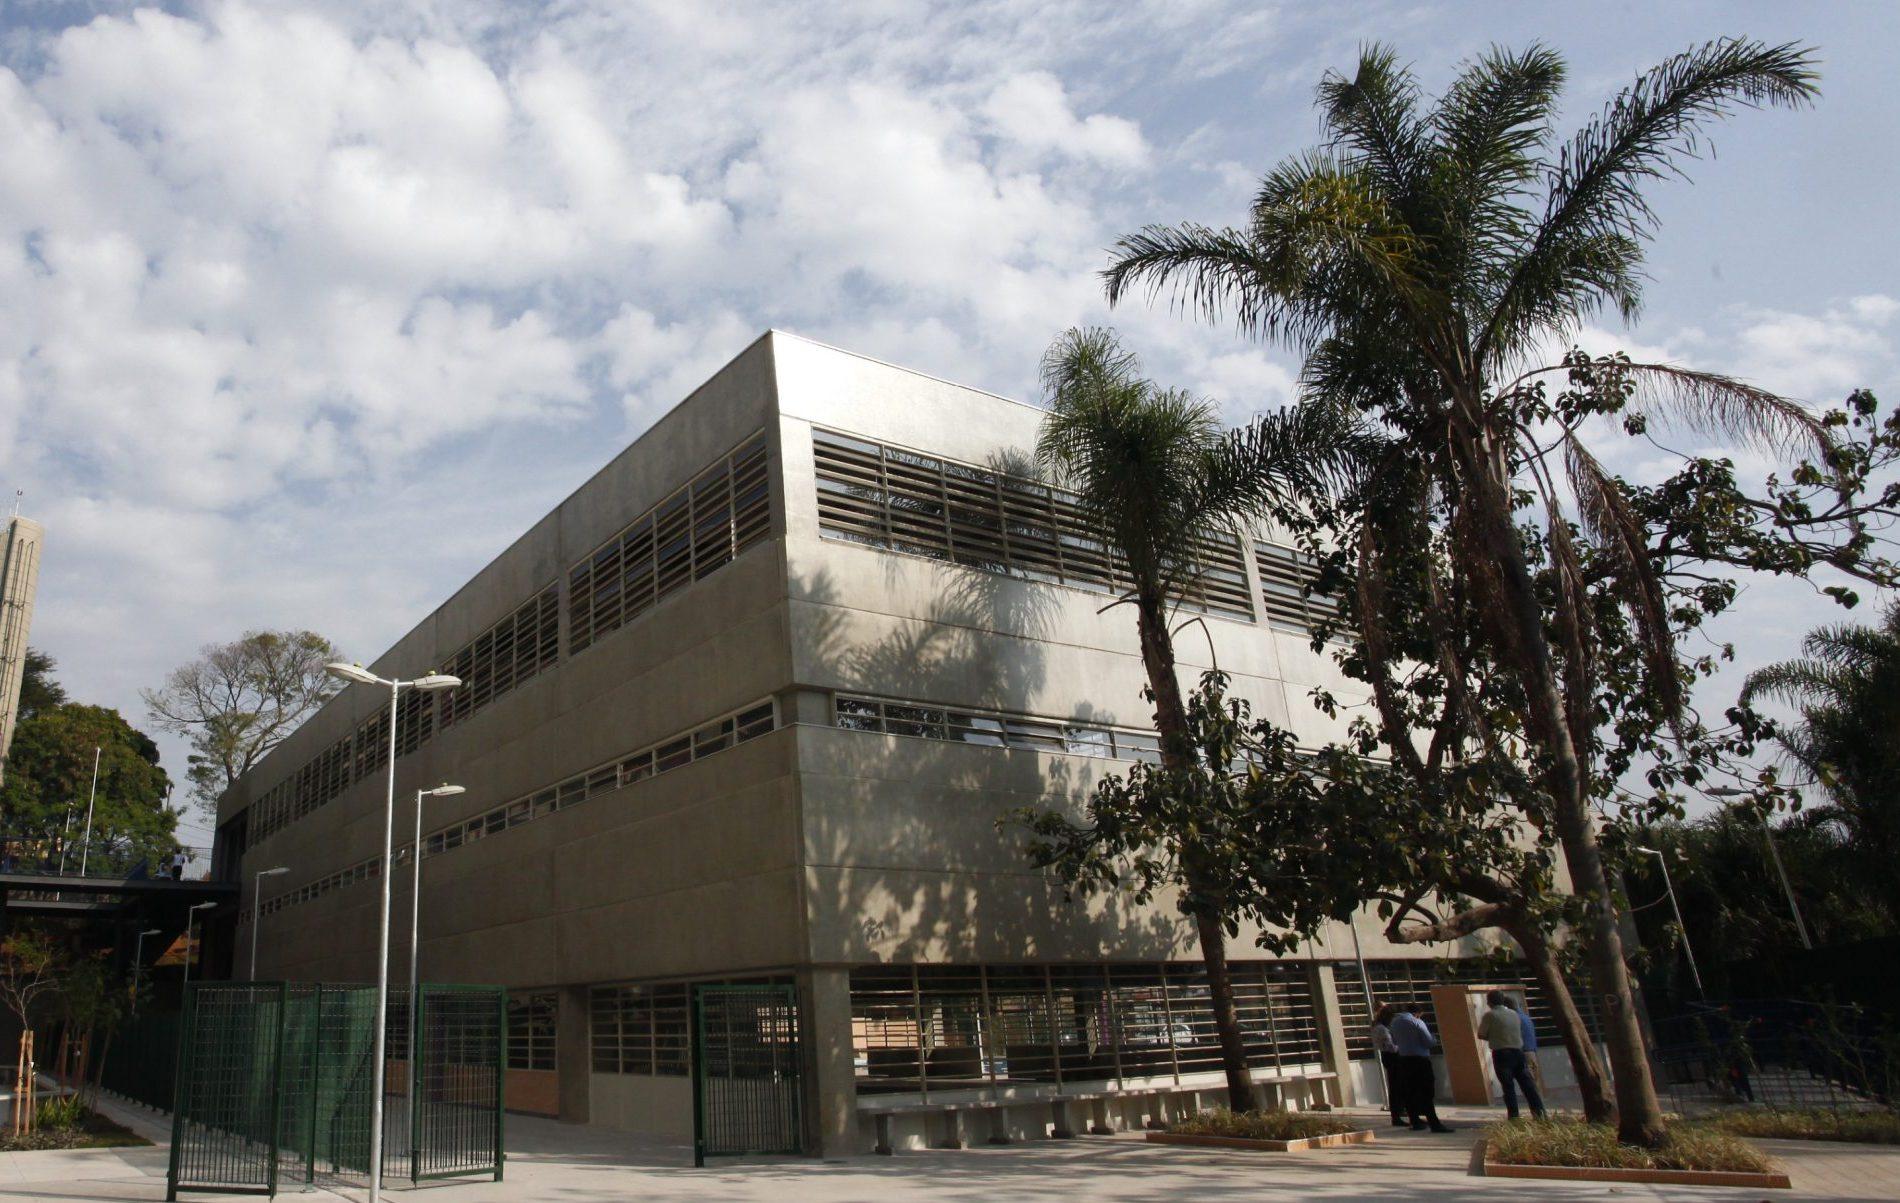 SP constrói 57 novas unidades educacionais